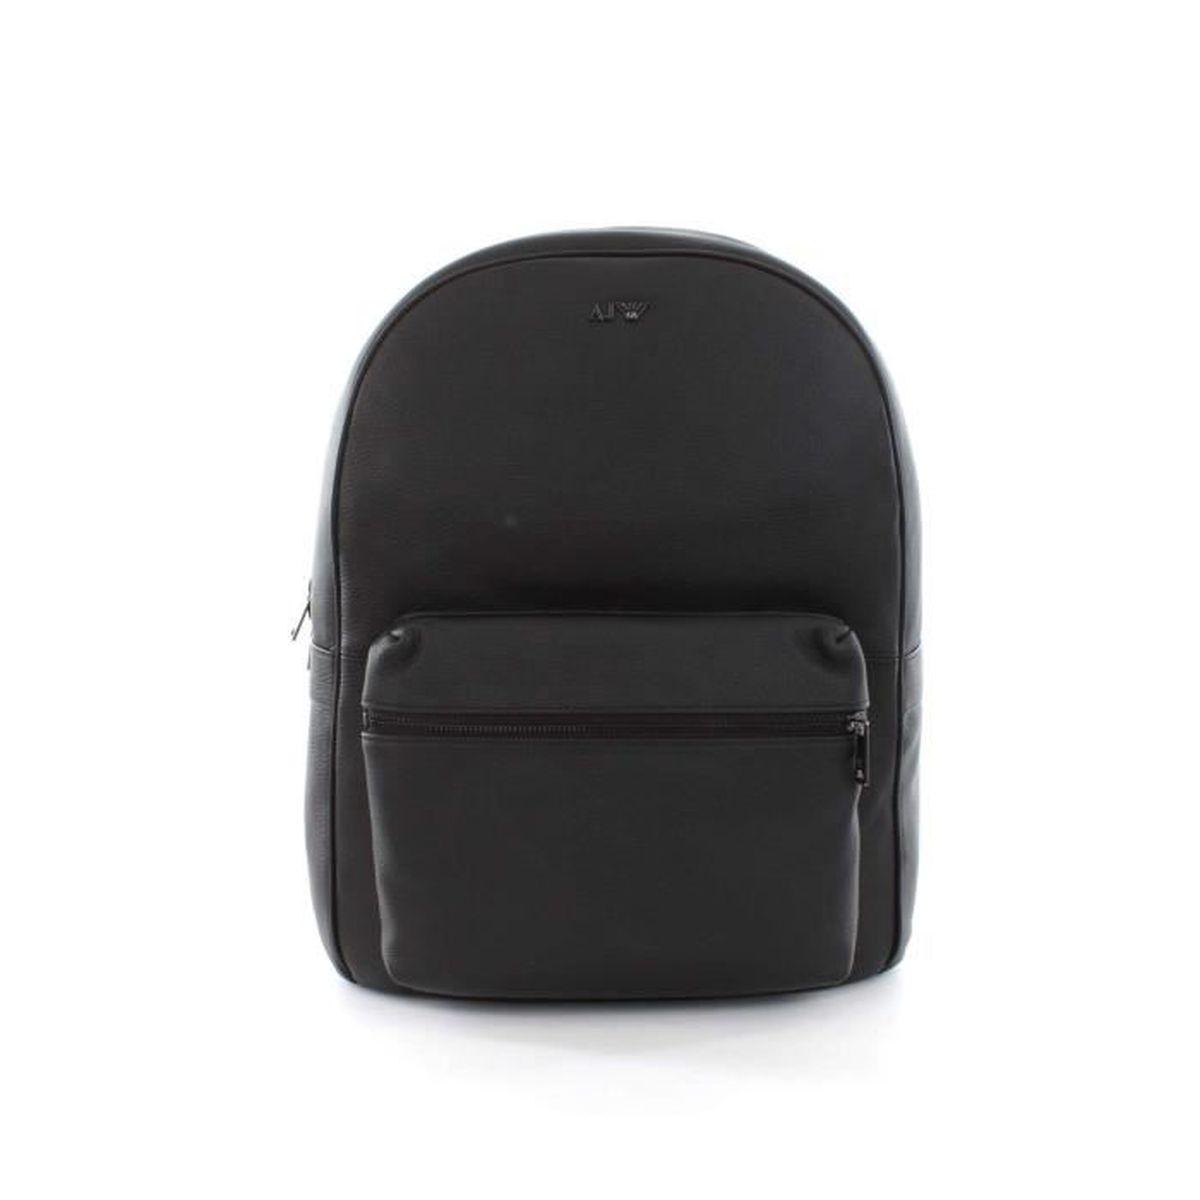 ARMANI JEANS SAC À DOS Homme BLACK - Achat   Vente sac à dos ... 69c5d9a3e36